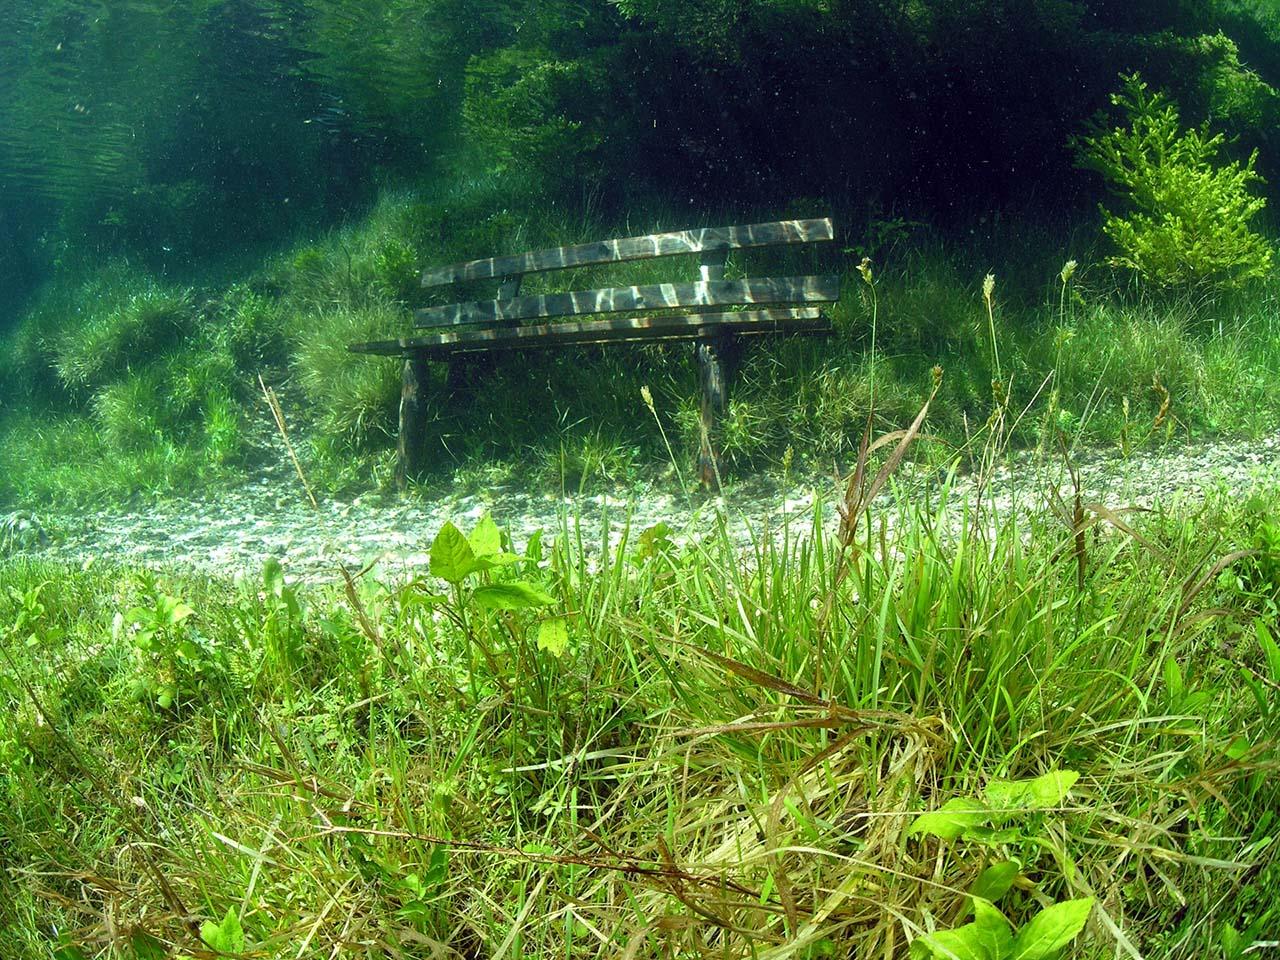 Aucun trucage dans ces photos incroyable du lac Grüner See Le-lac-Gruner-See-Etat-de-Styrie-Autriche-photo-02